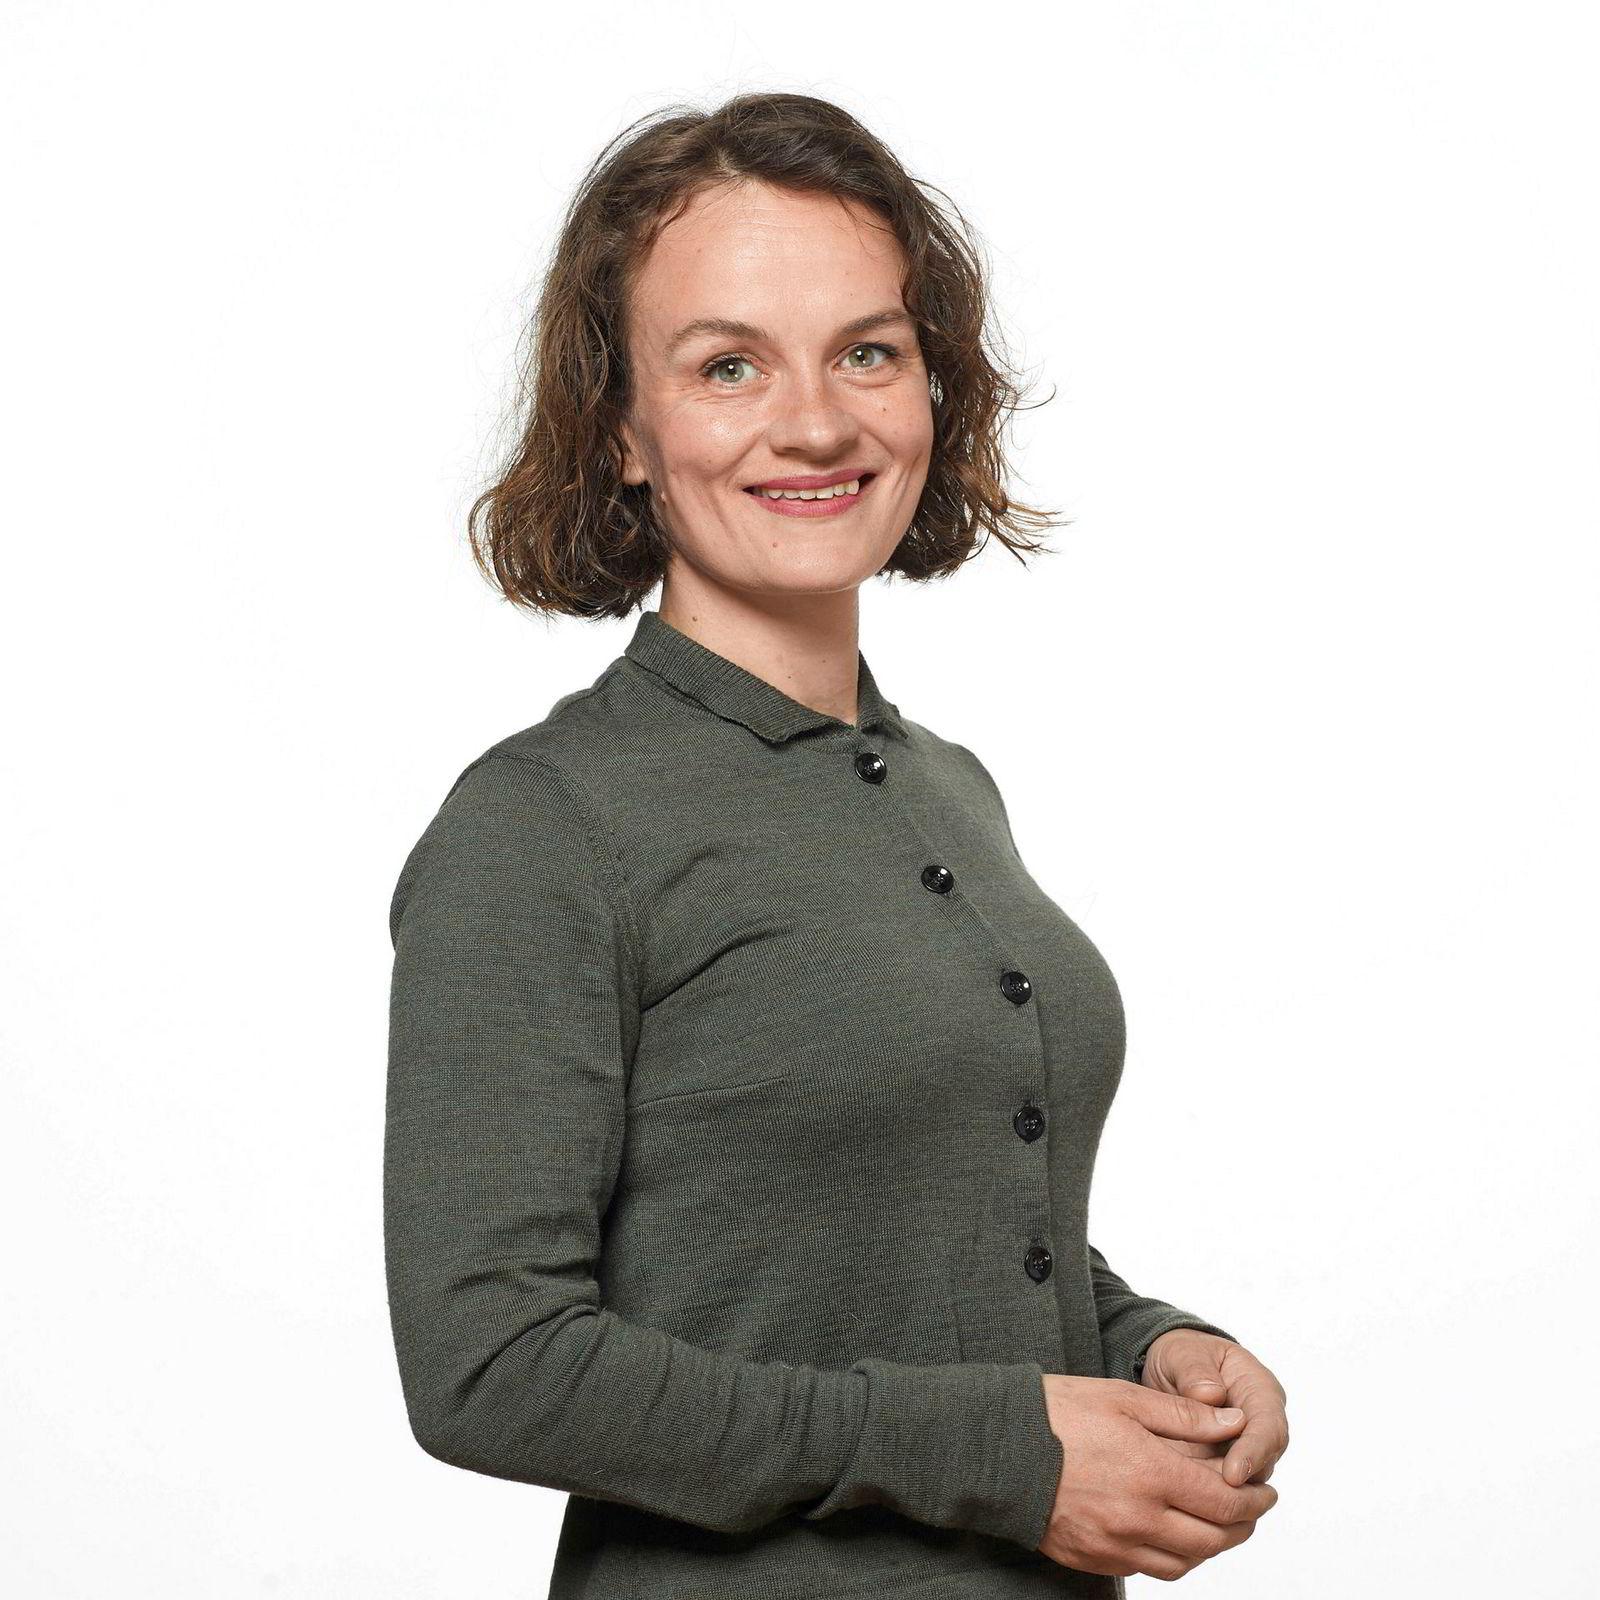 Nina Skrove Falch, sjeføkonom i YS, mener boligskatt kan bidra til å minske risikoen for at nordmenns høye gjeld kan føre til økonomisk ustabilitet.